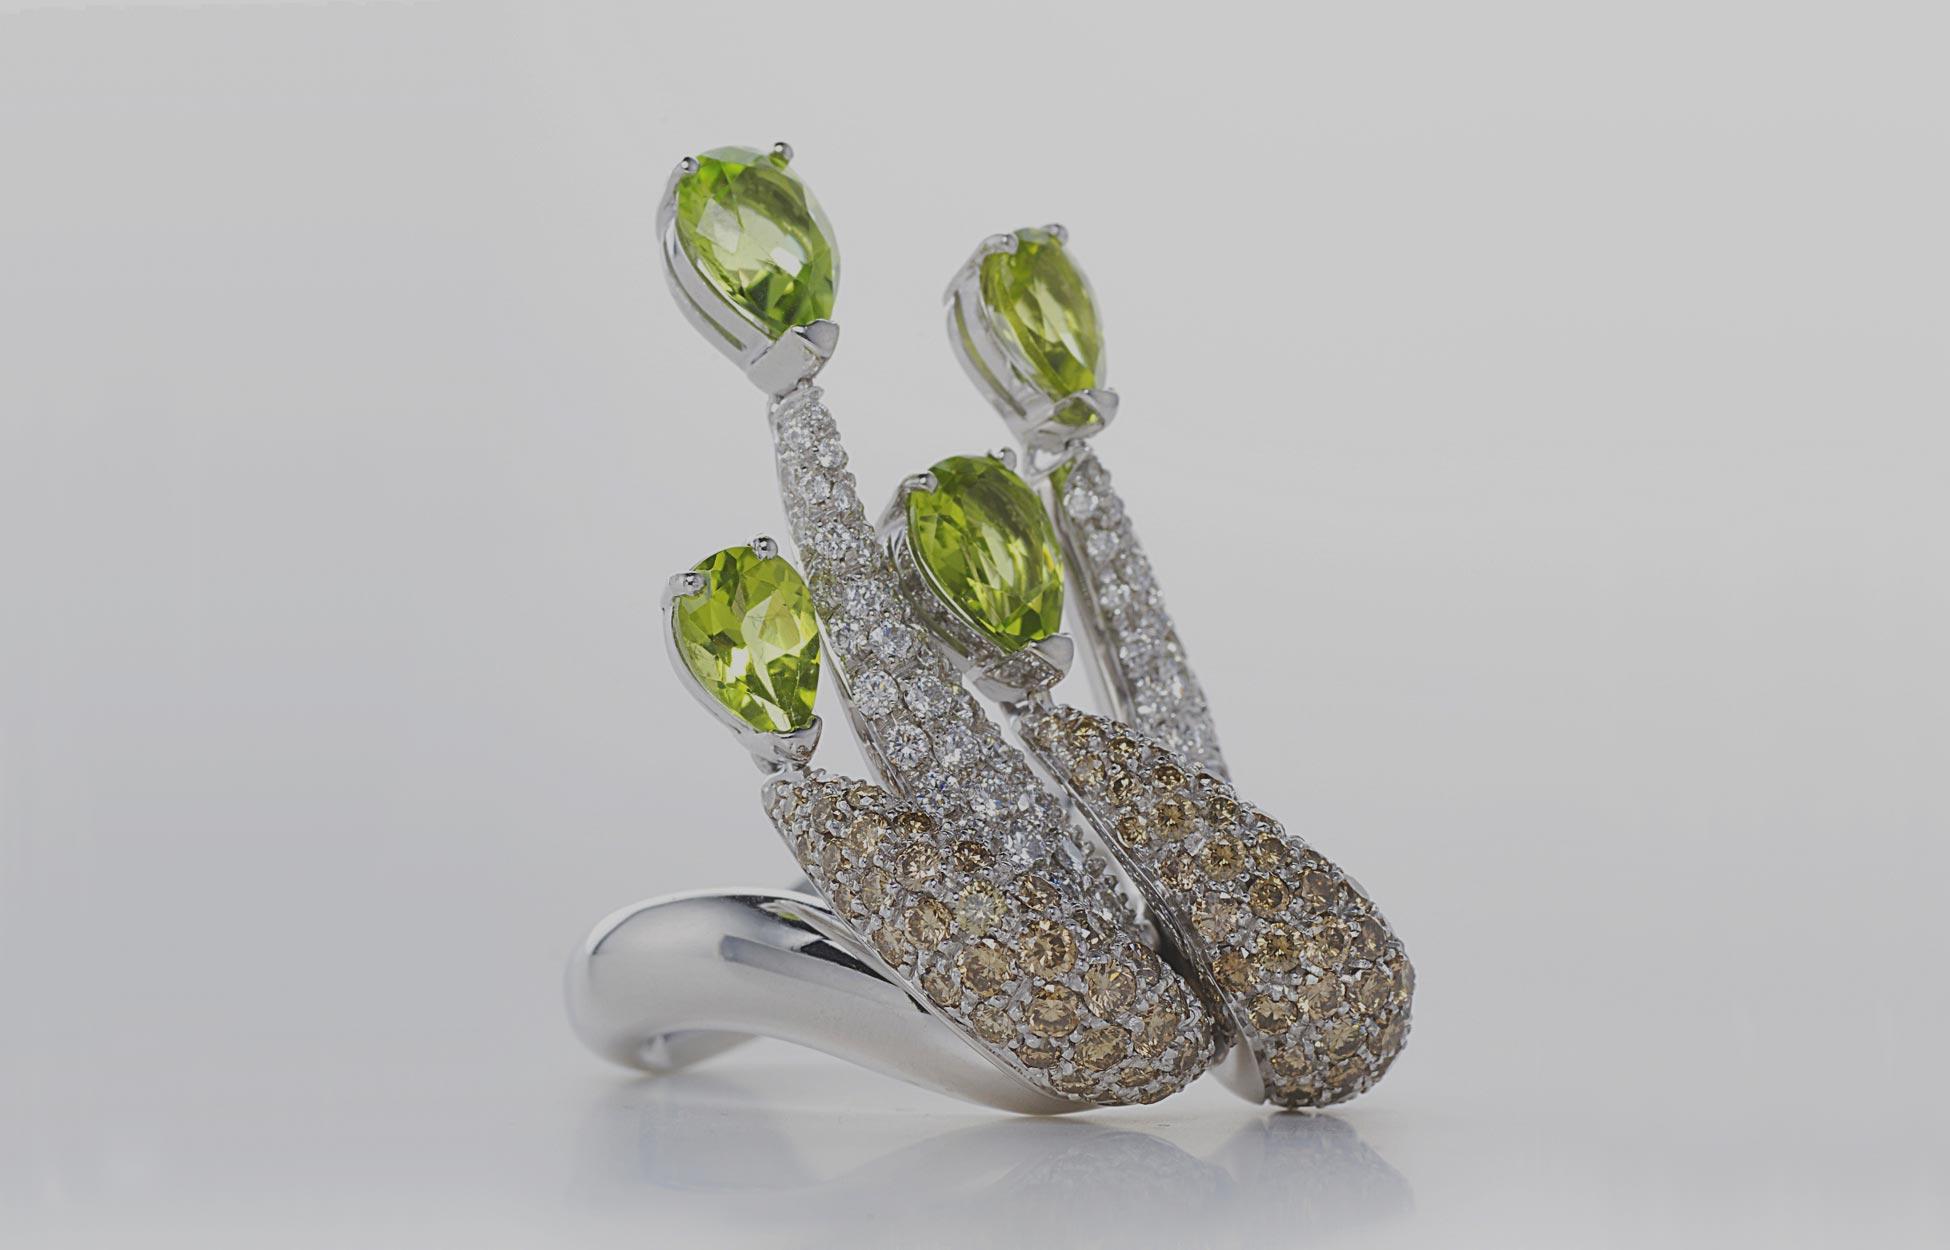 il-marchese-diamonds-diamanti-qualita-gioielli-collane-anelli-pendenti-fidanzamento-matrimonio-collezioni-116